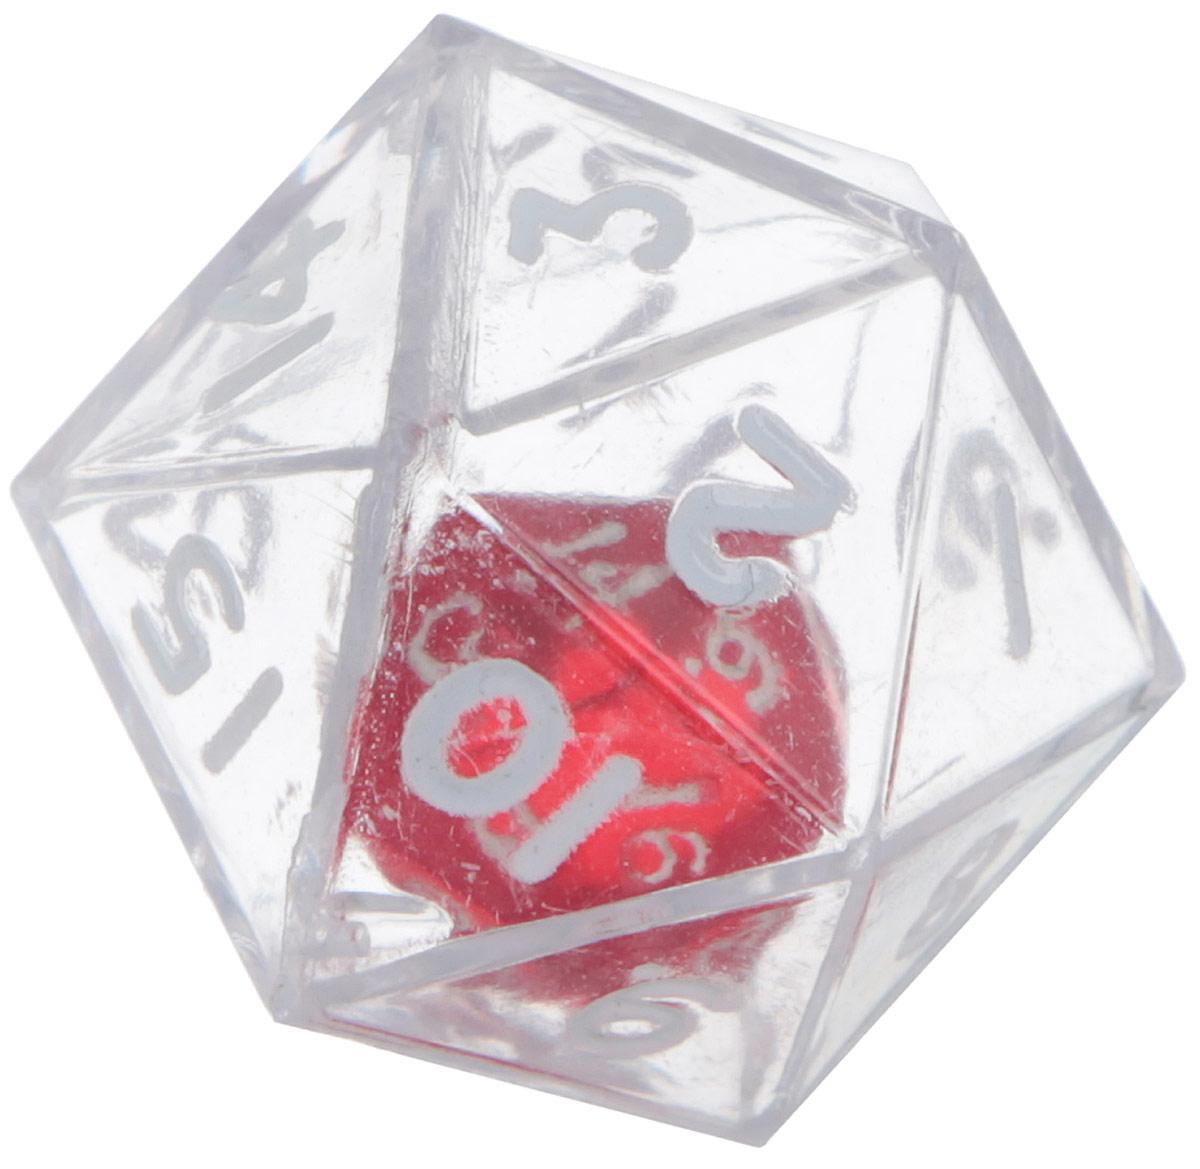 Koplow Games Кость игральная D20 в D20 цвет прозрачный12470_прозрачныйИгральная кость D20 в D20 состоит из прозрачной кости D20 с такой же костью внутри. На каждую треугольную грань игральной кости нанесены числа числа от 1 до 20. Целью игральной кости является демонстрация случайно определенного числа, каждое из которых является равновозможным благодаря правильной геометрической форме. Игральная кость выполнены из прочного пластика. Не рекомендуется детям до 3-х лет.